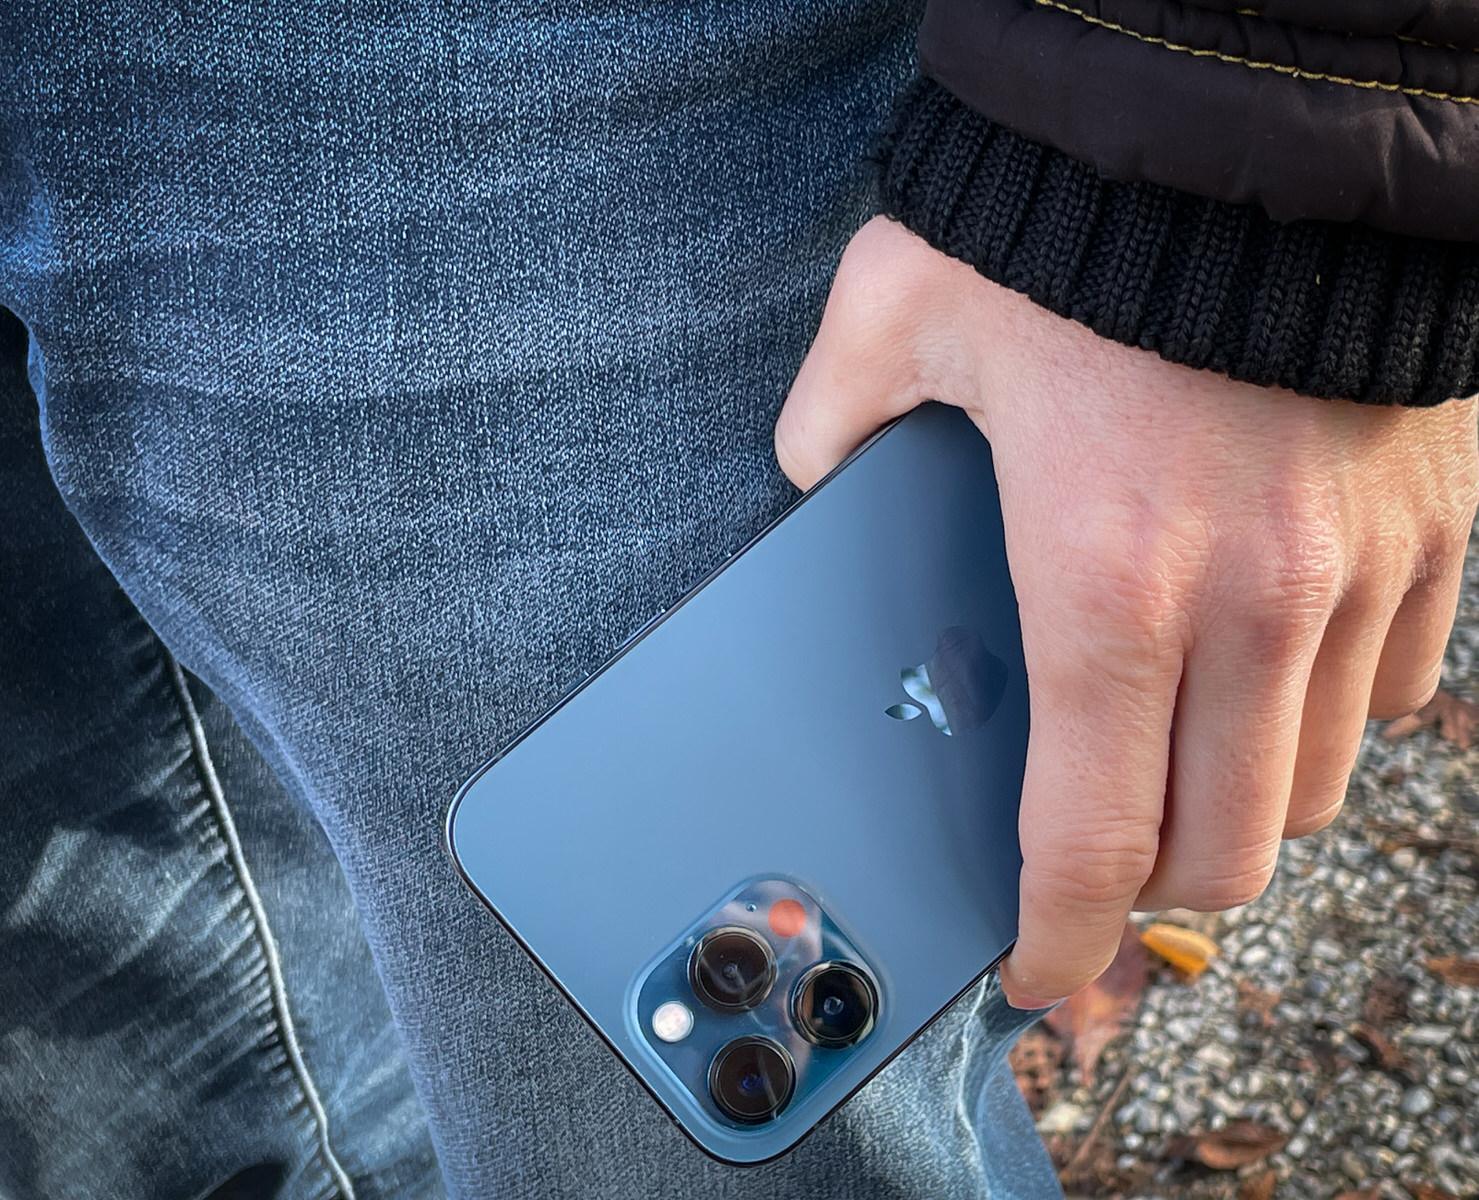 iphone 13 ultra wide